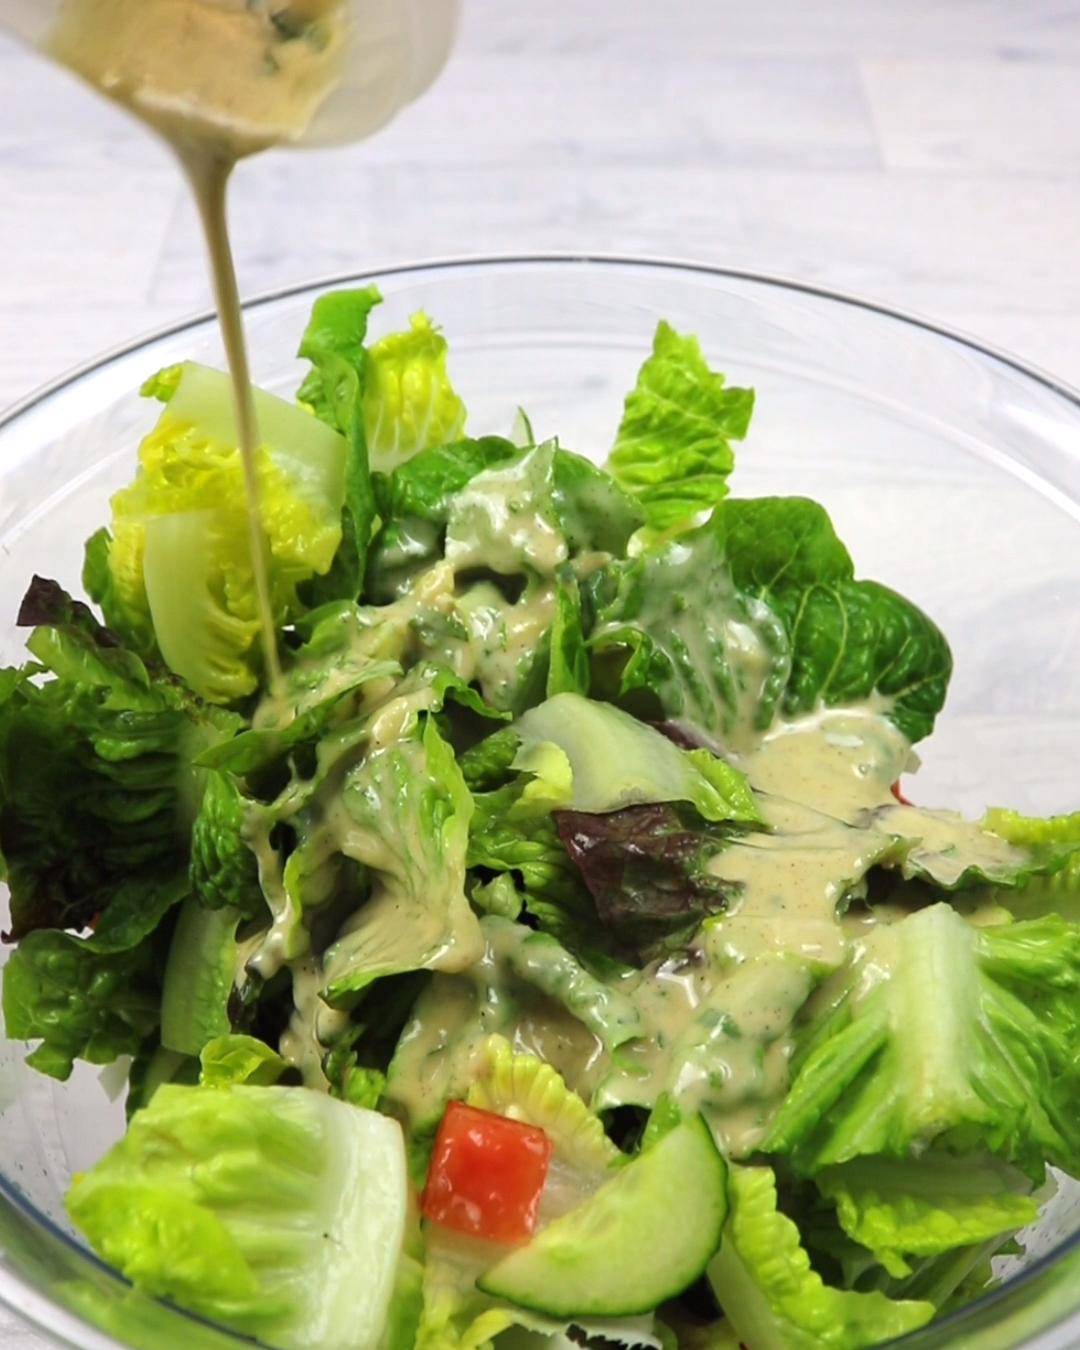 Tahini Dressing Rezept. Du suchst noch das passende vegane Dressing, um deinen Salat aufzupeppen? Dann solltest du dir dieses Tahini Dressing Rezept nicht entgehen lassen!